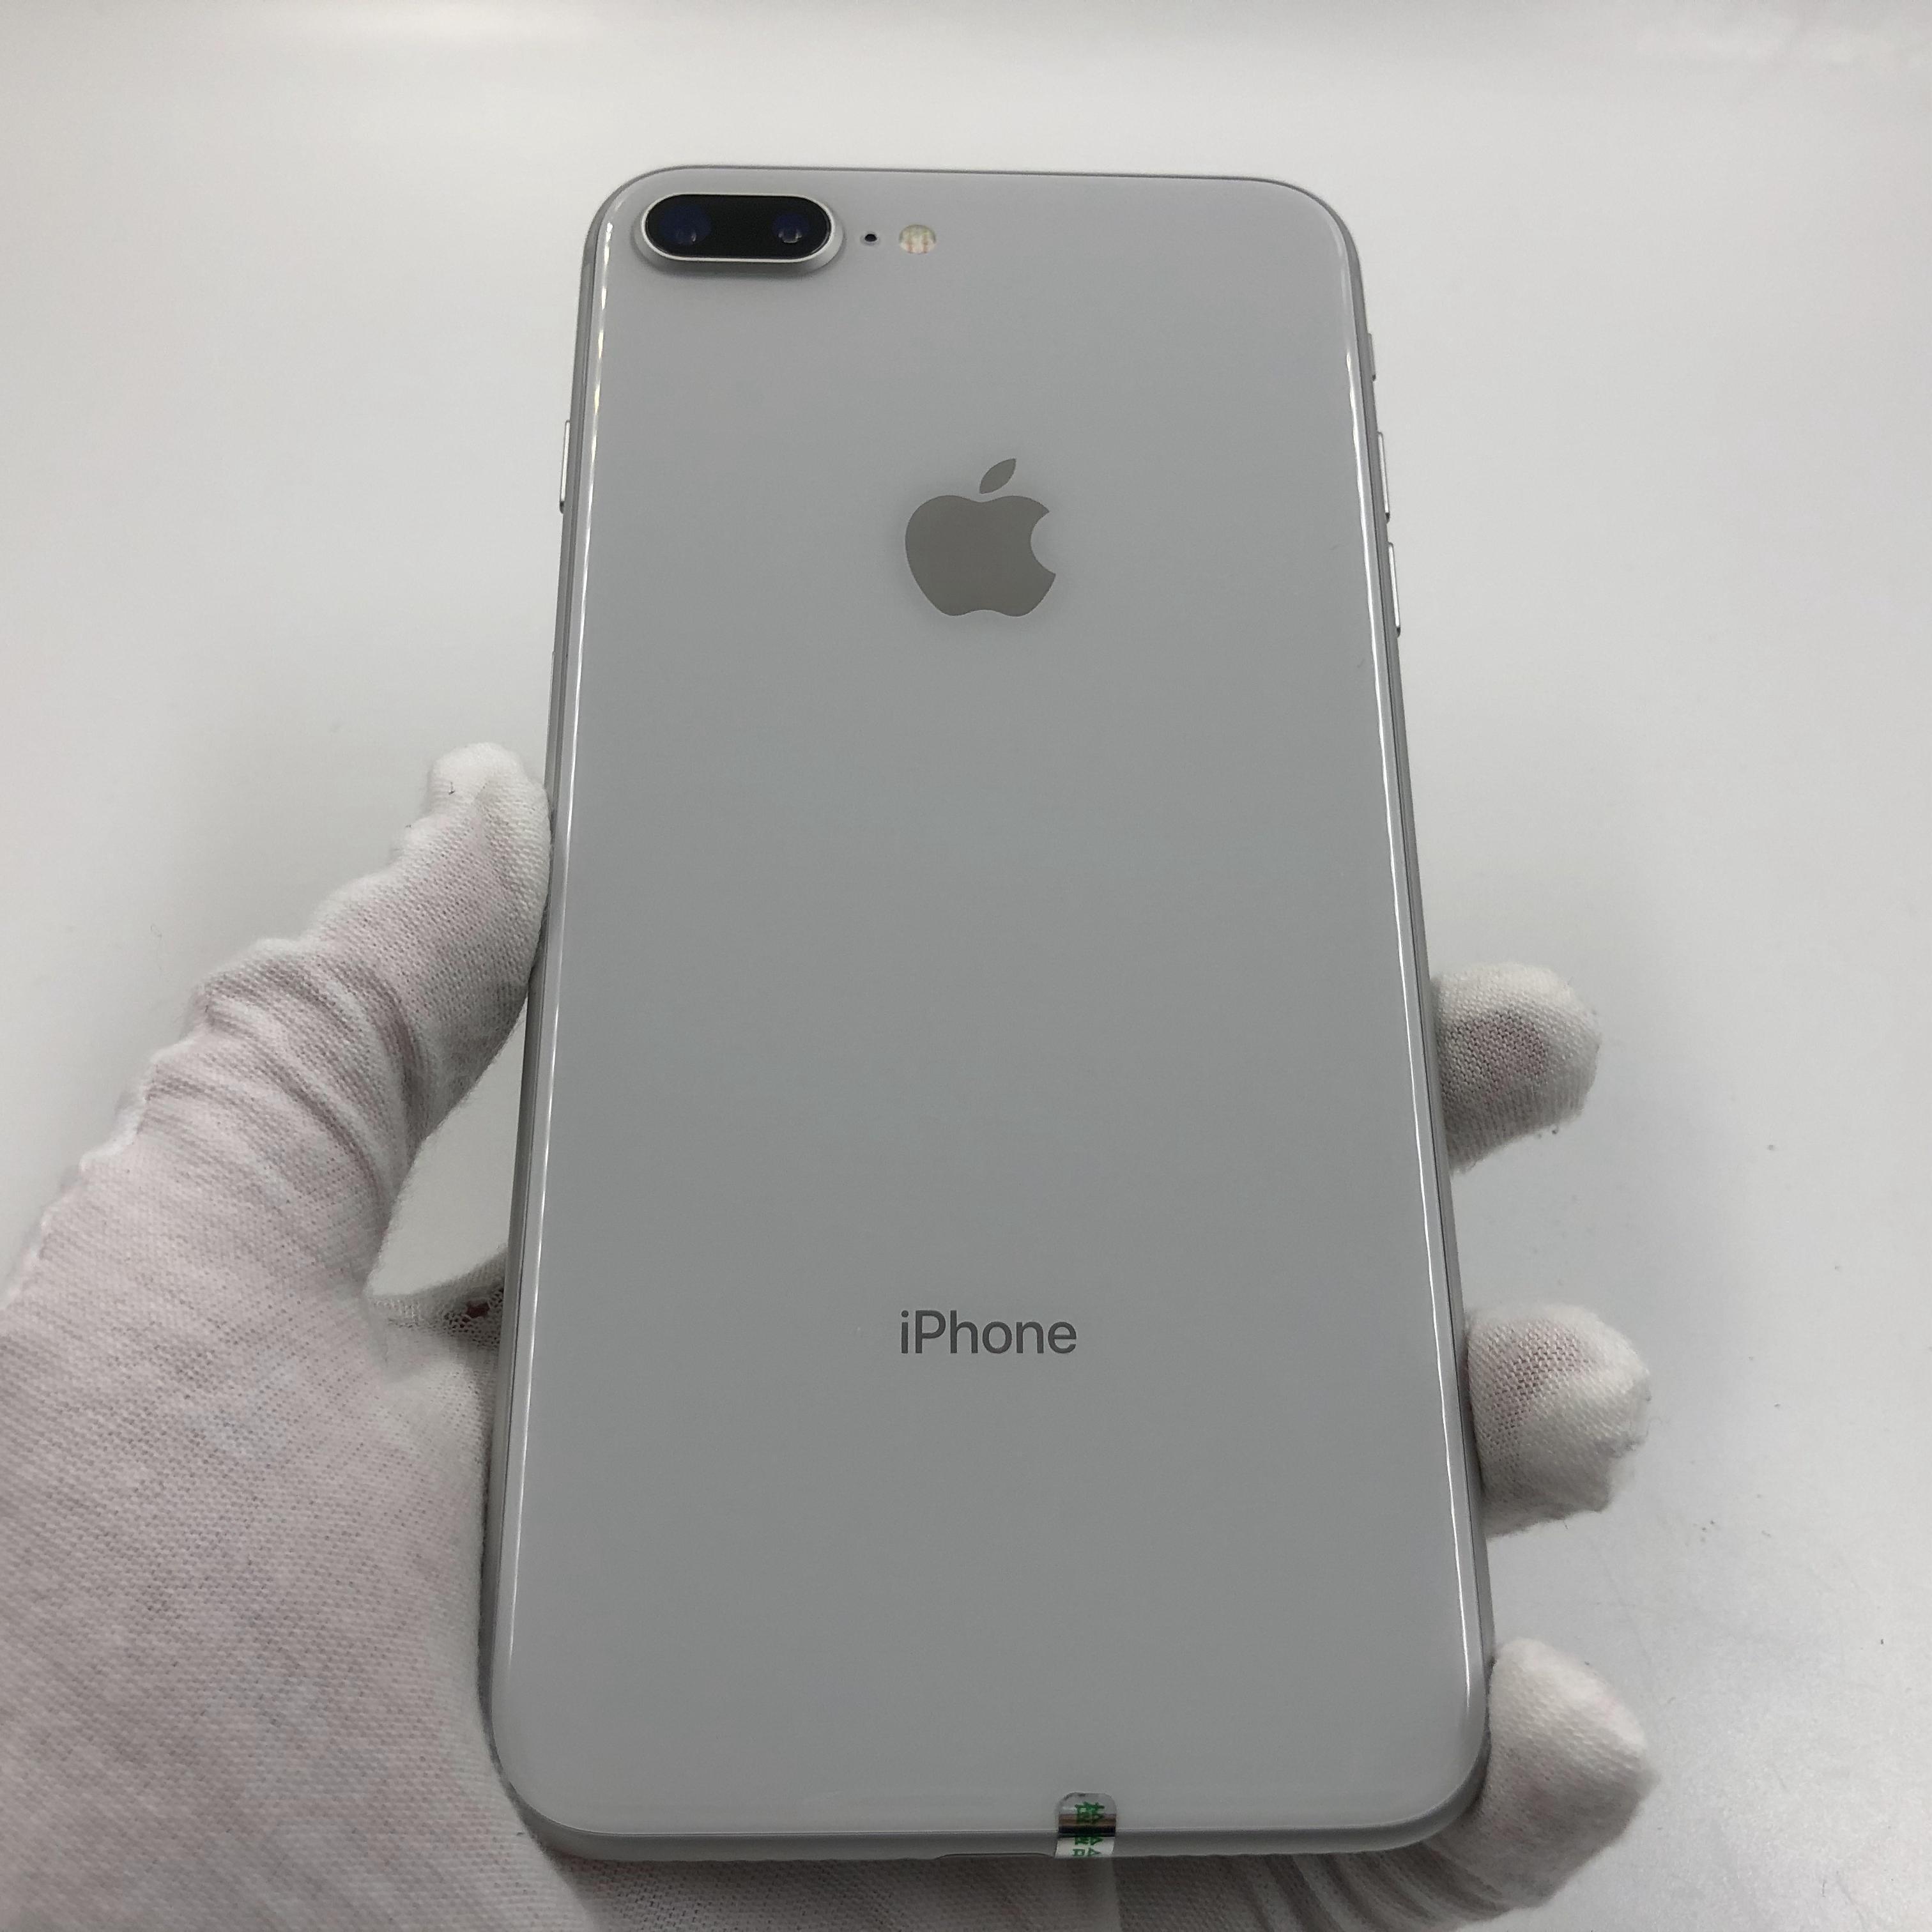 苹果【iPhone 8 Plus】4G全网通 银色 128G 国行 95新 真机实拍官保2021-10-05